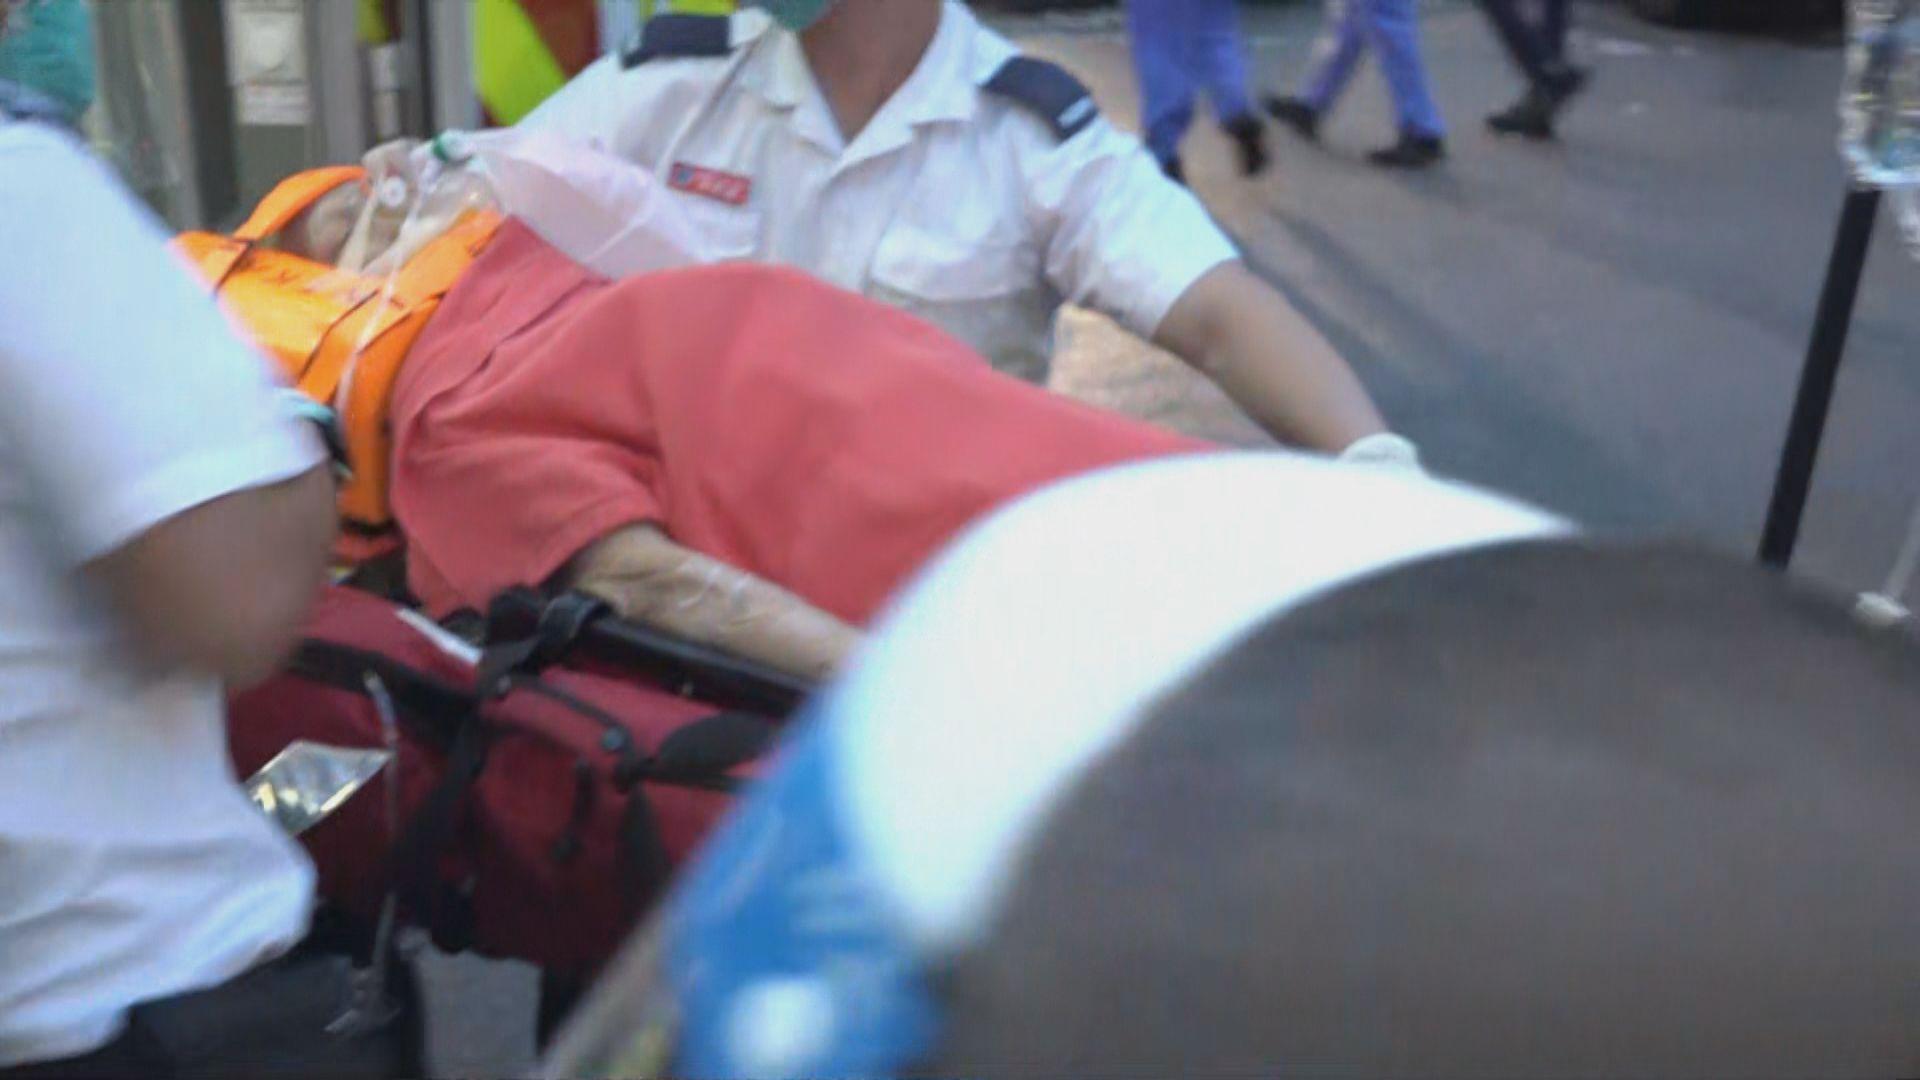 觀塘女子被貨車撞倒 昏迷送院